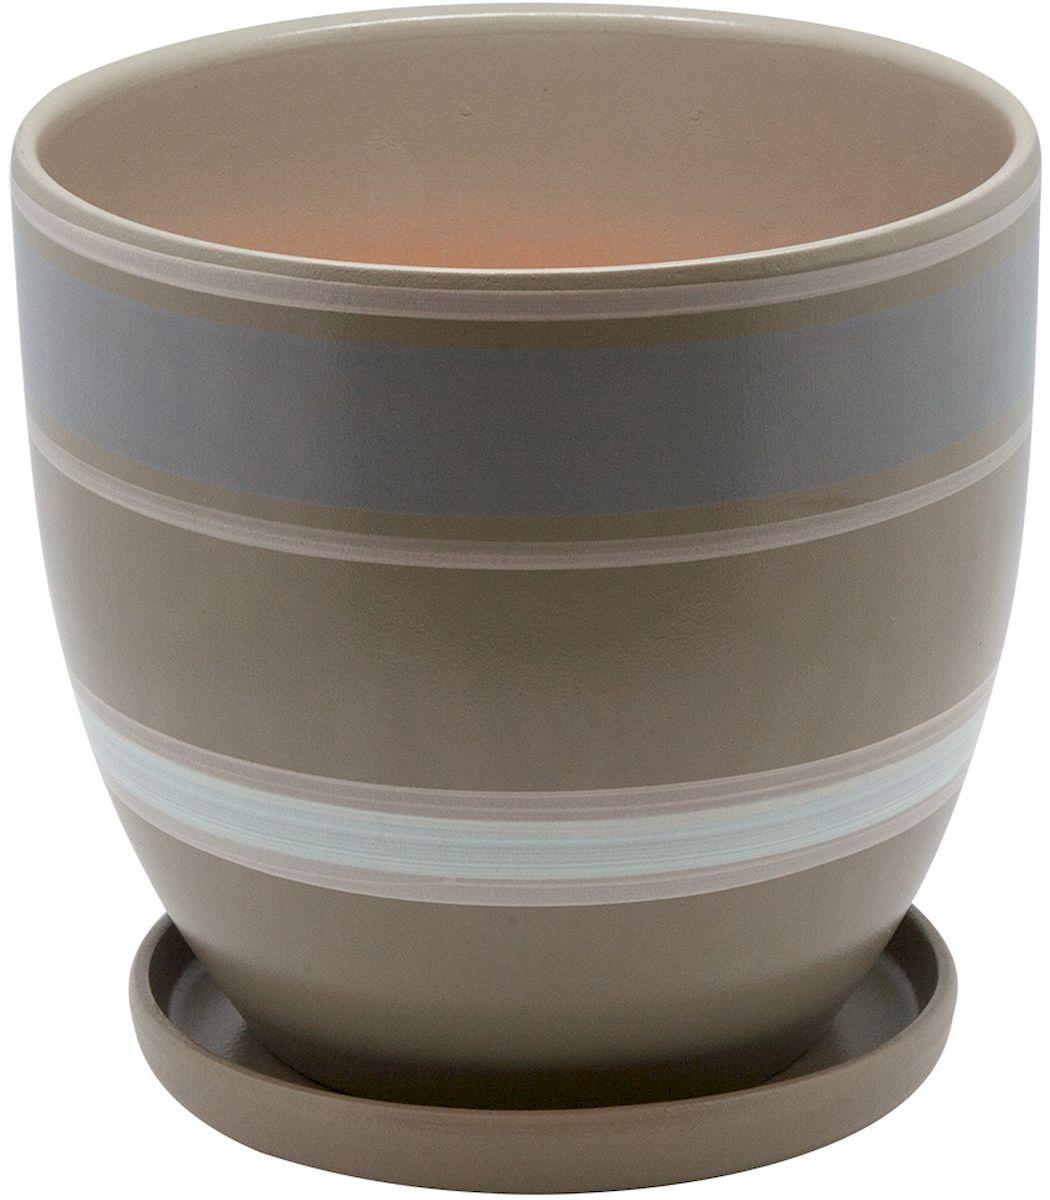 Горшок цветочный Engard, с поддоном, цвет: серый, белый, 4,7 л391602Керамический горшок - это идеальное решение для выращивания комнатных растений и создания изысканности в интерьере. Керамический горшок сделан из высококачественной глины в классической форме и оригинальном дизайне.